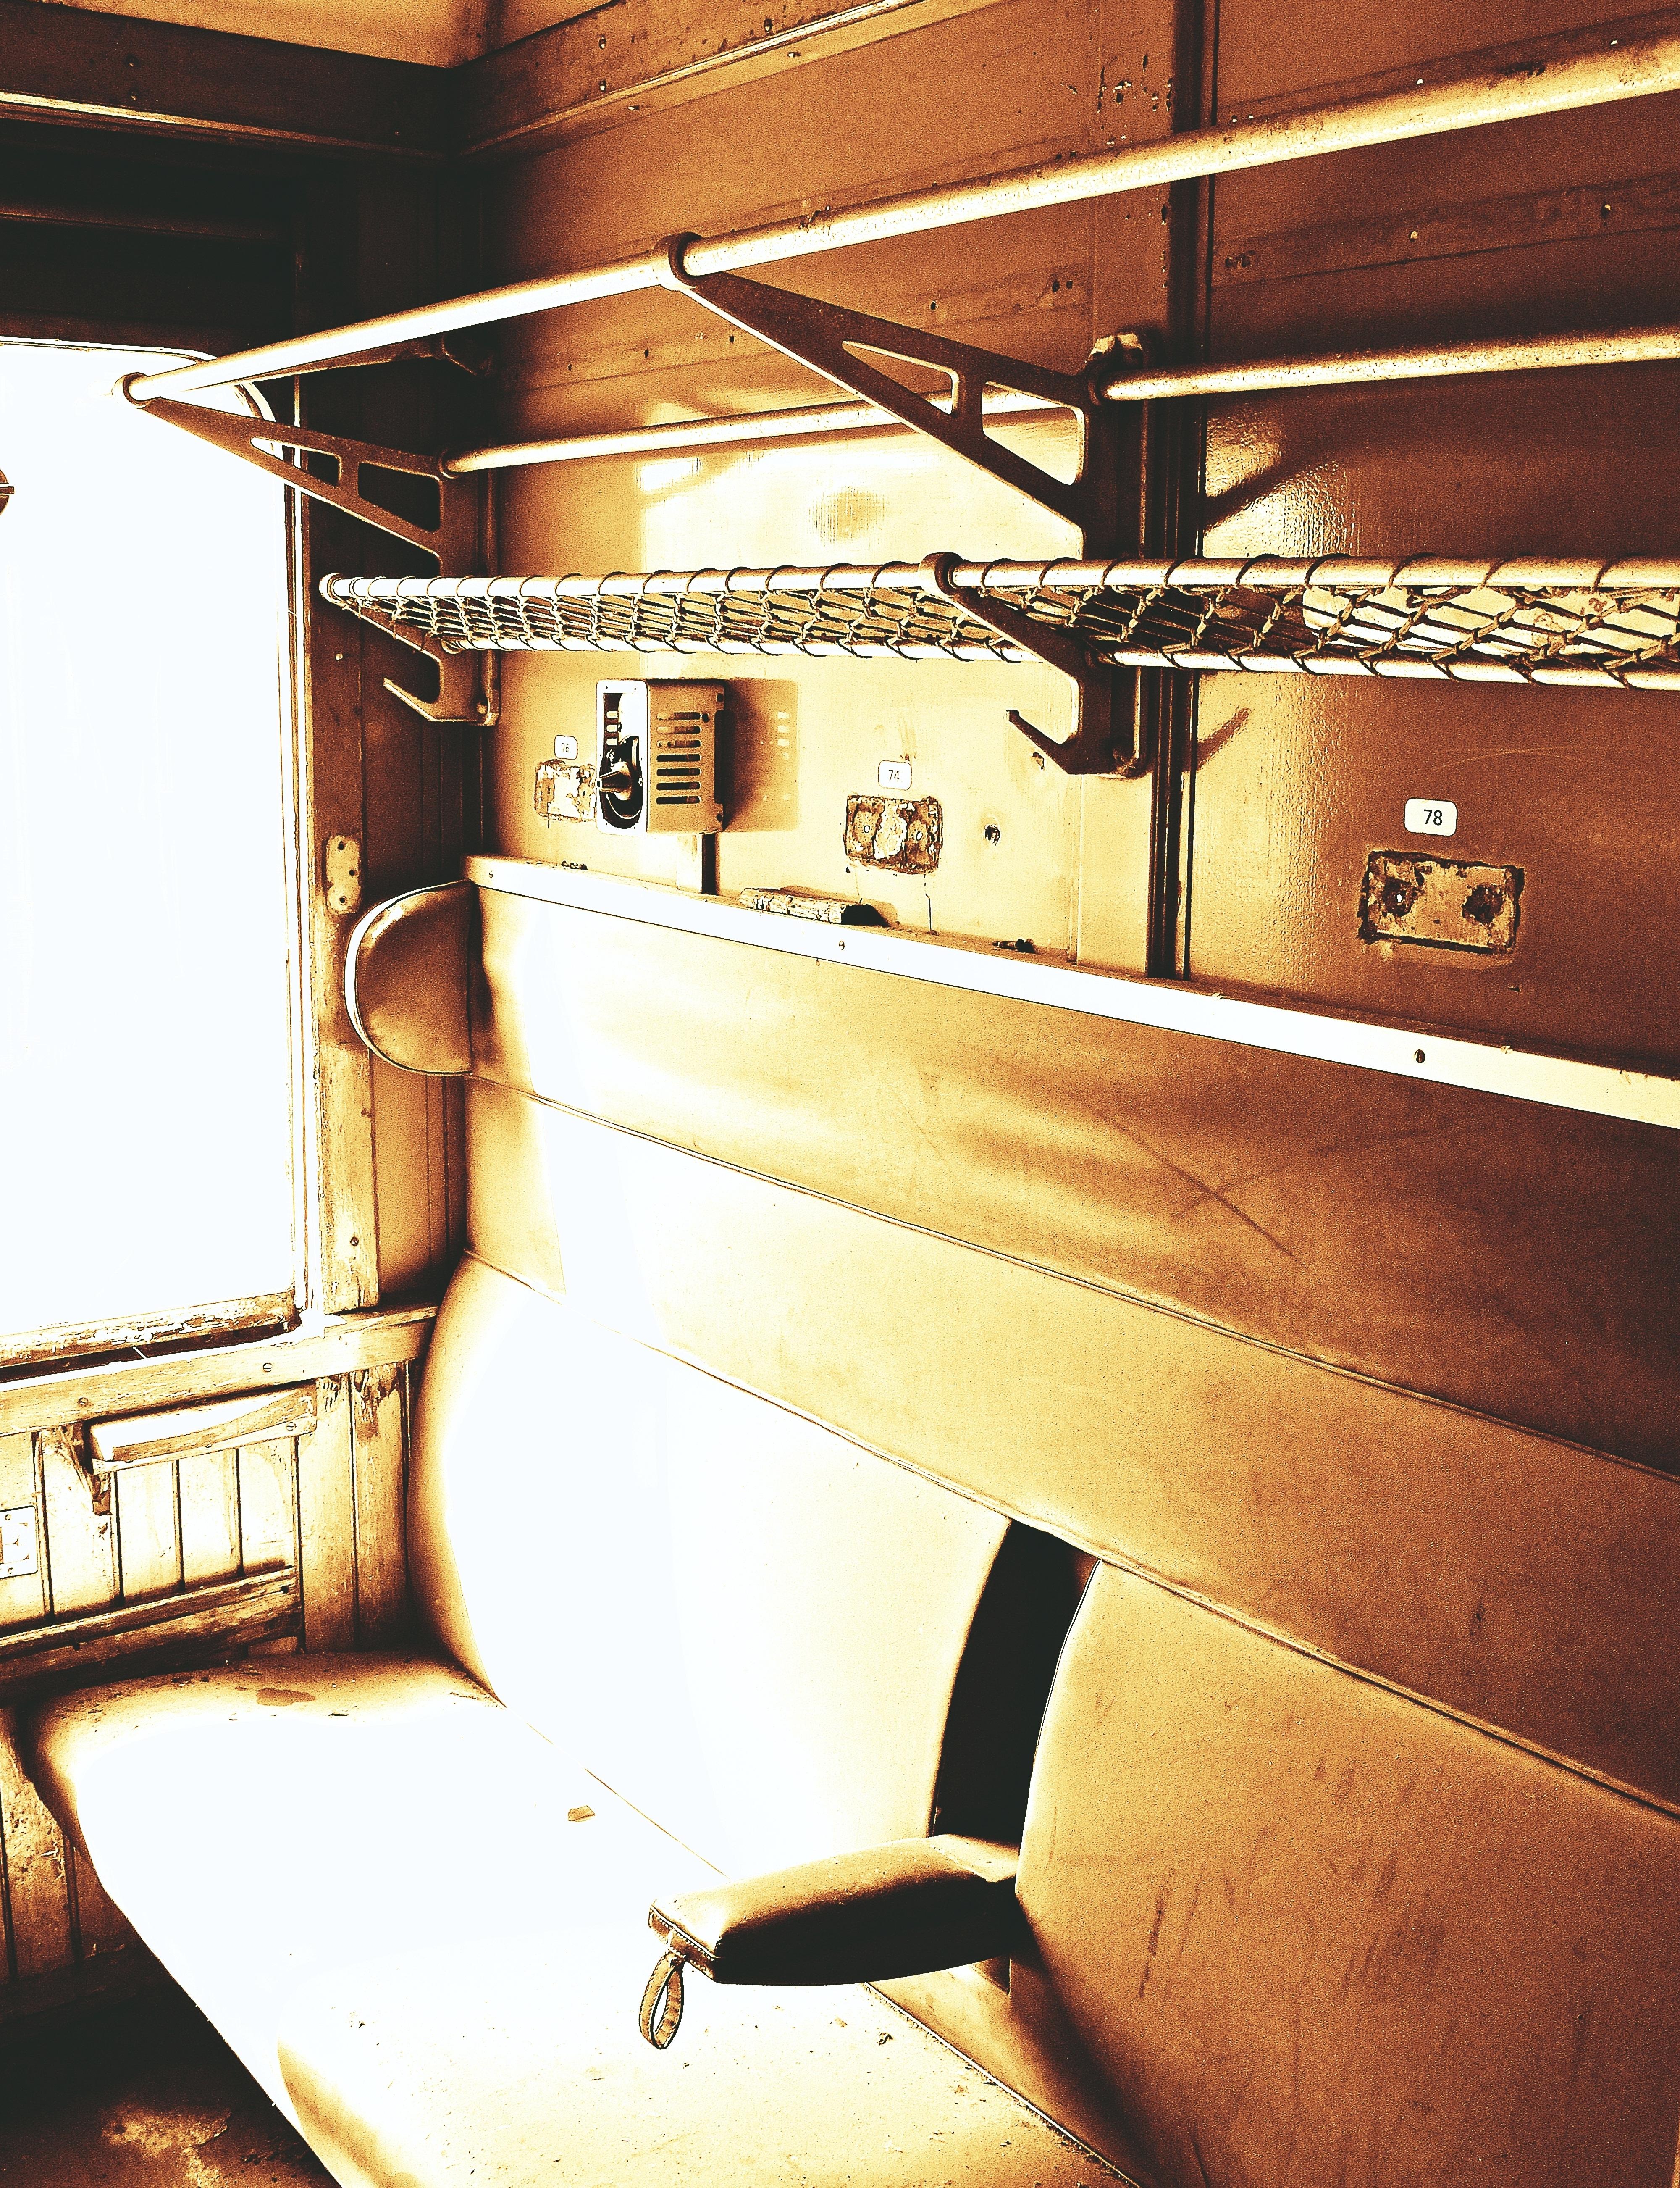 fotos gratis ferrocarril vagon asiento antiguo roto decaer cementerio mueble habitacion resistido diseno de interiores sentar ruina